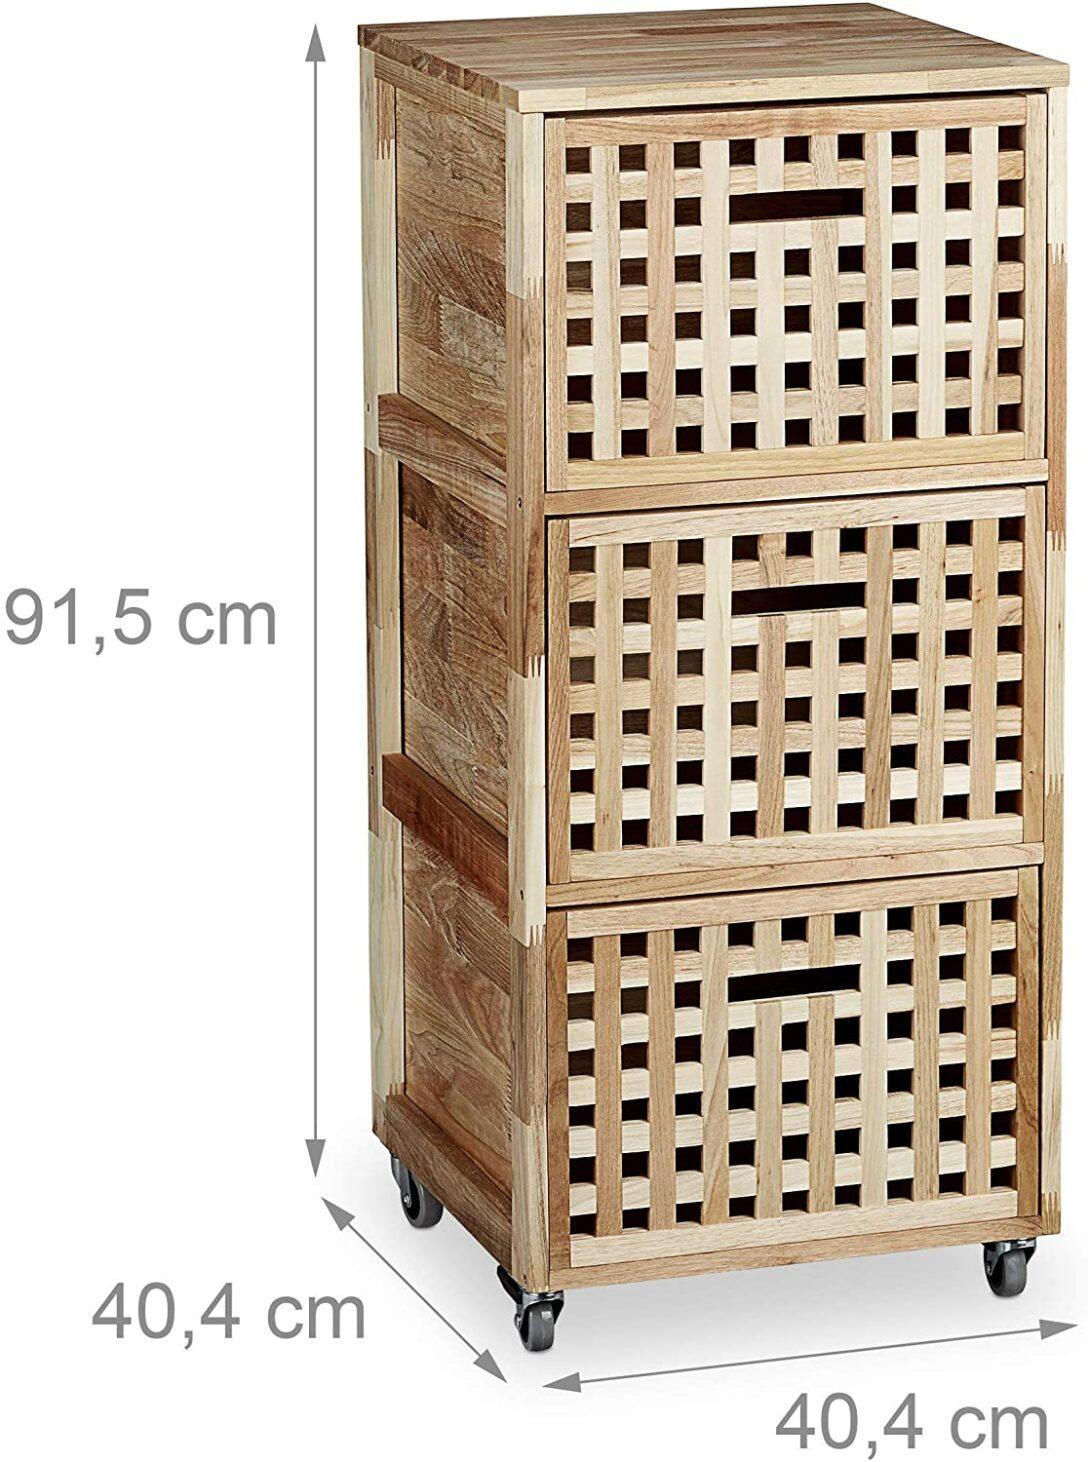 Large Size of Rollwagen Holz Rollcontainer Mit 3 Fchern Walnuss Hbt Ca 91 Altholz Esstisch Schlafzimmer Massivholz Bad Waschtisch Holzplatte Bett Betten Loungemöbel Garten Wohnzimmer Rollwagen Holz